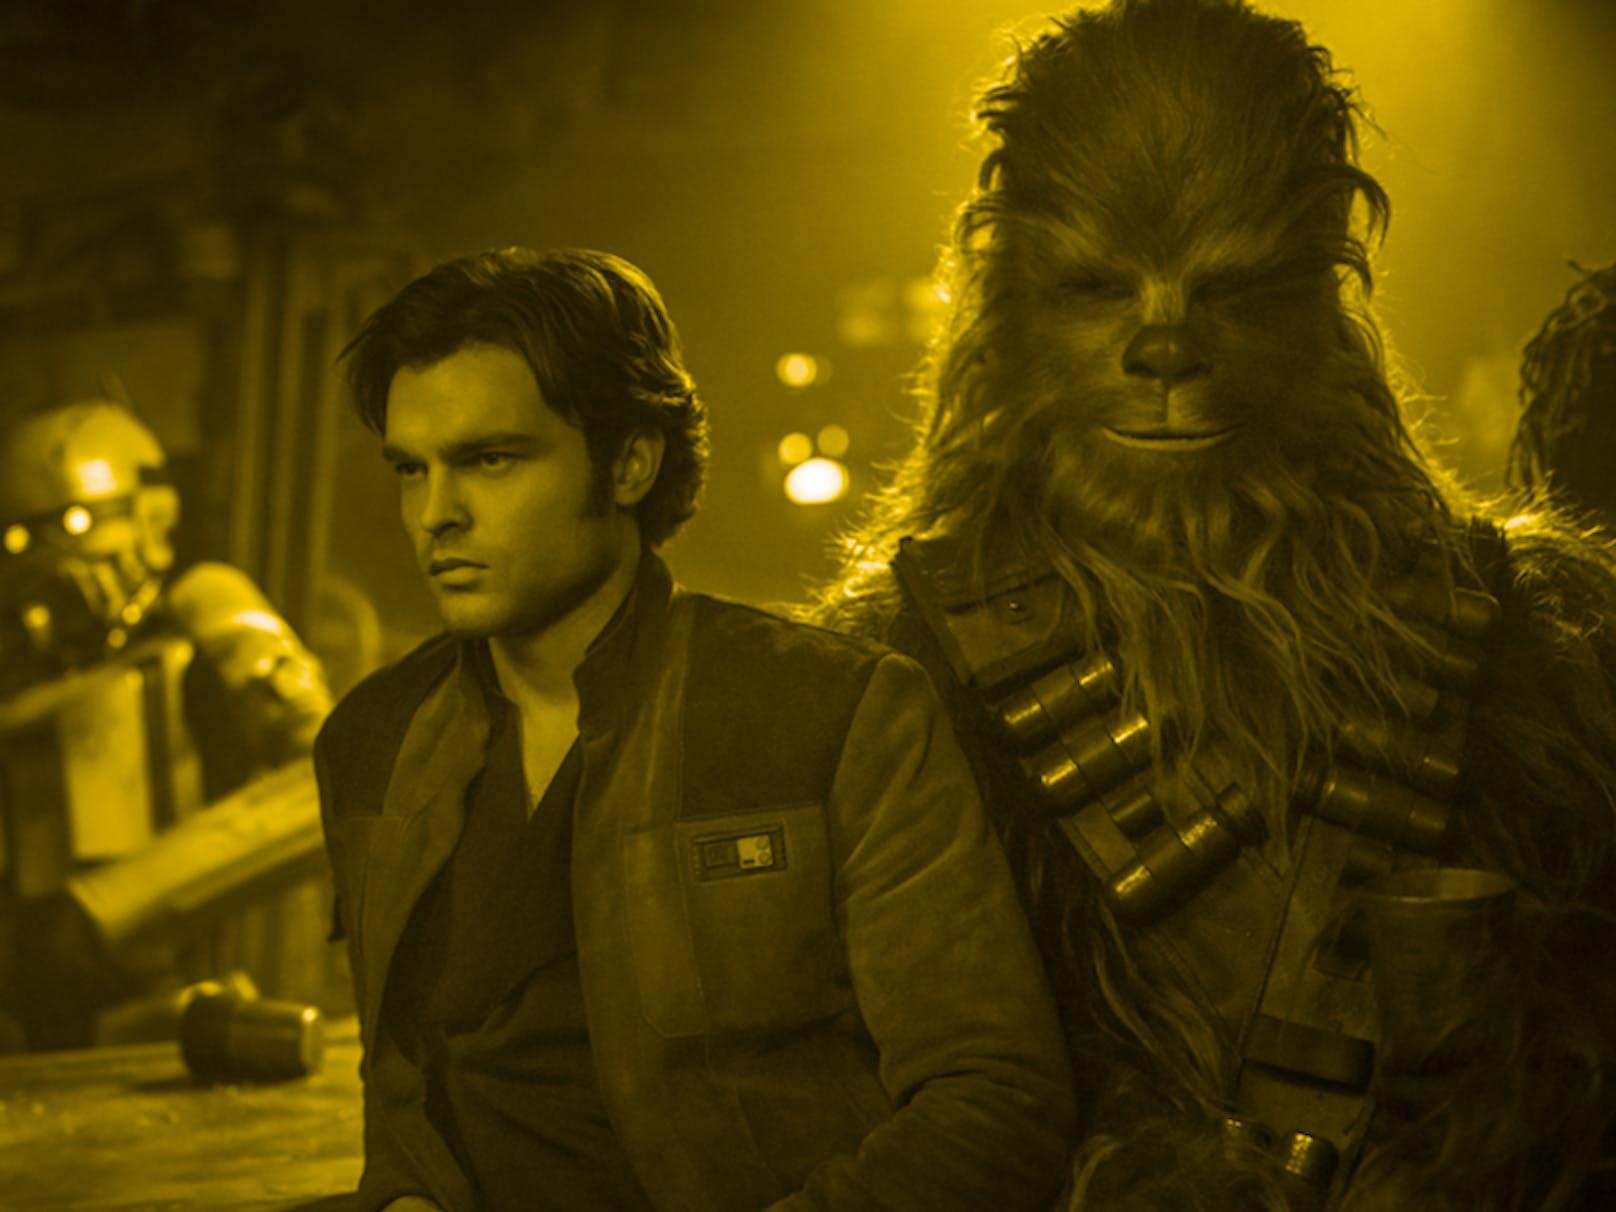 Alden Ehrenreich in 'Solo:A Star Wars Story'